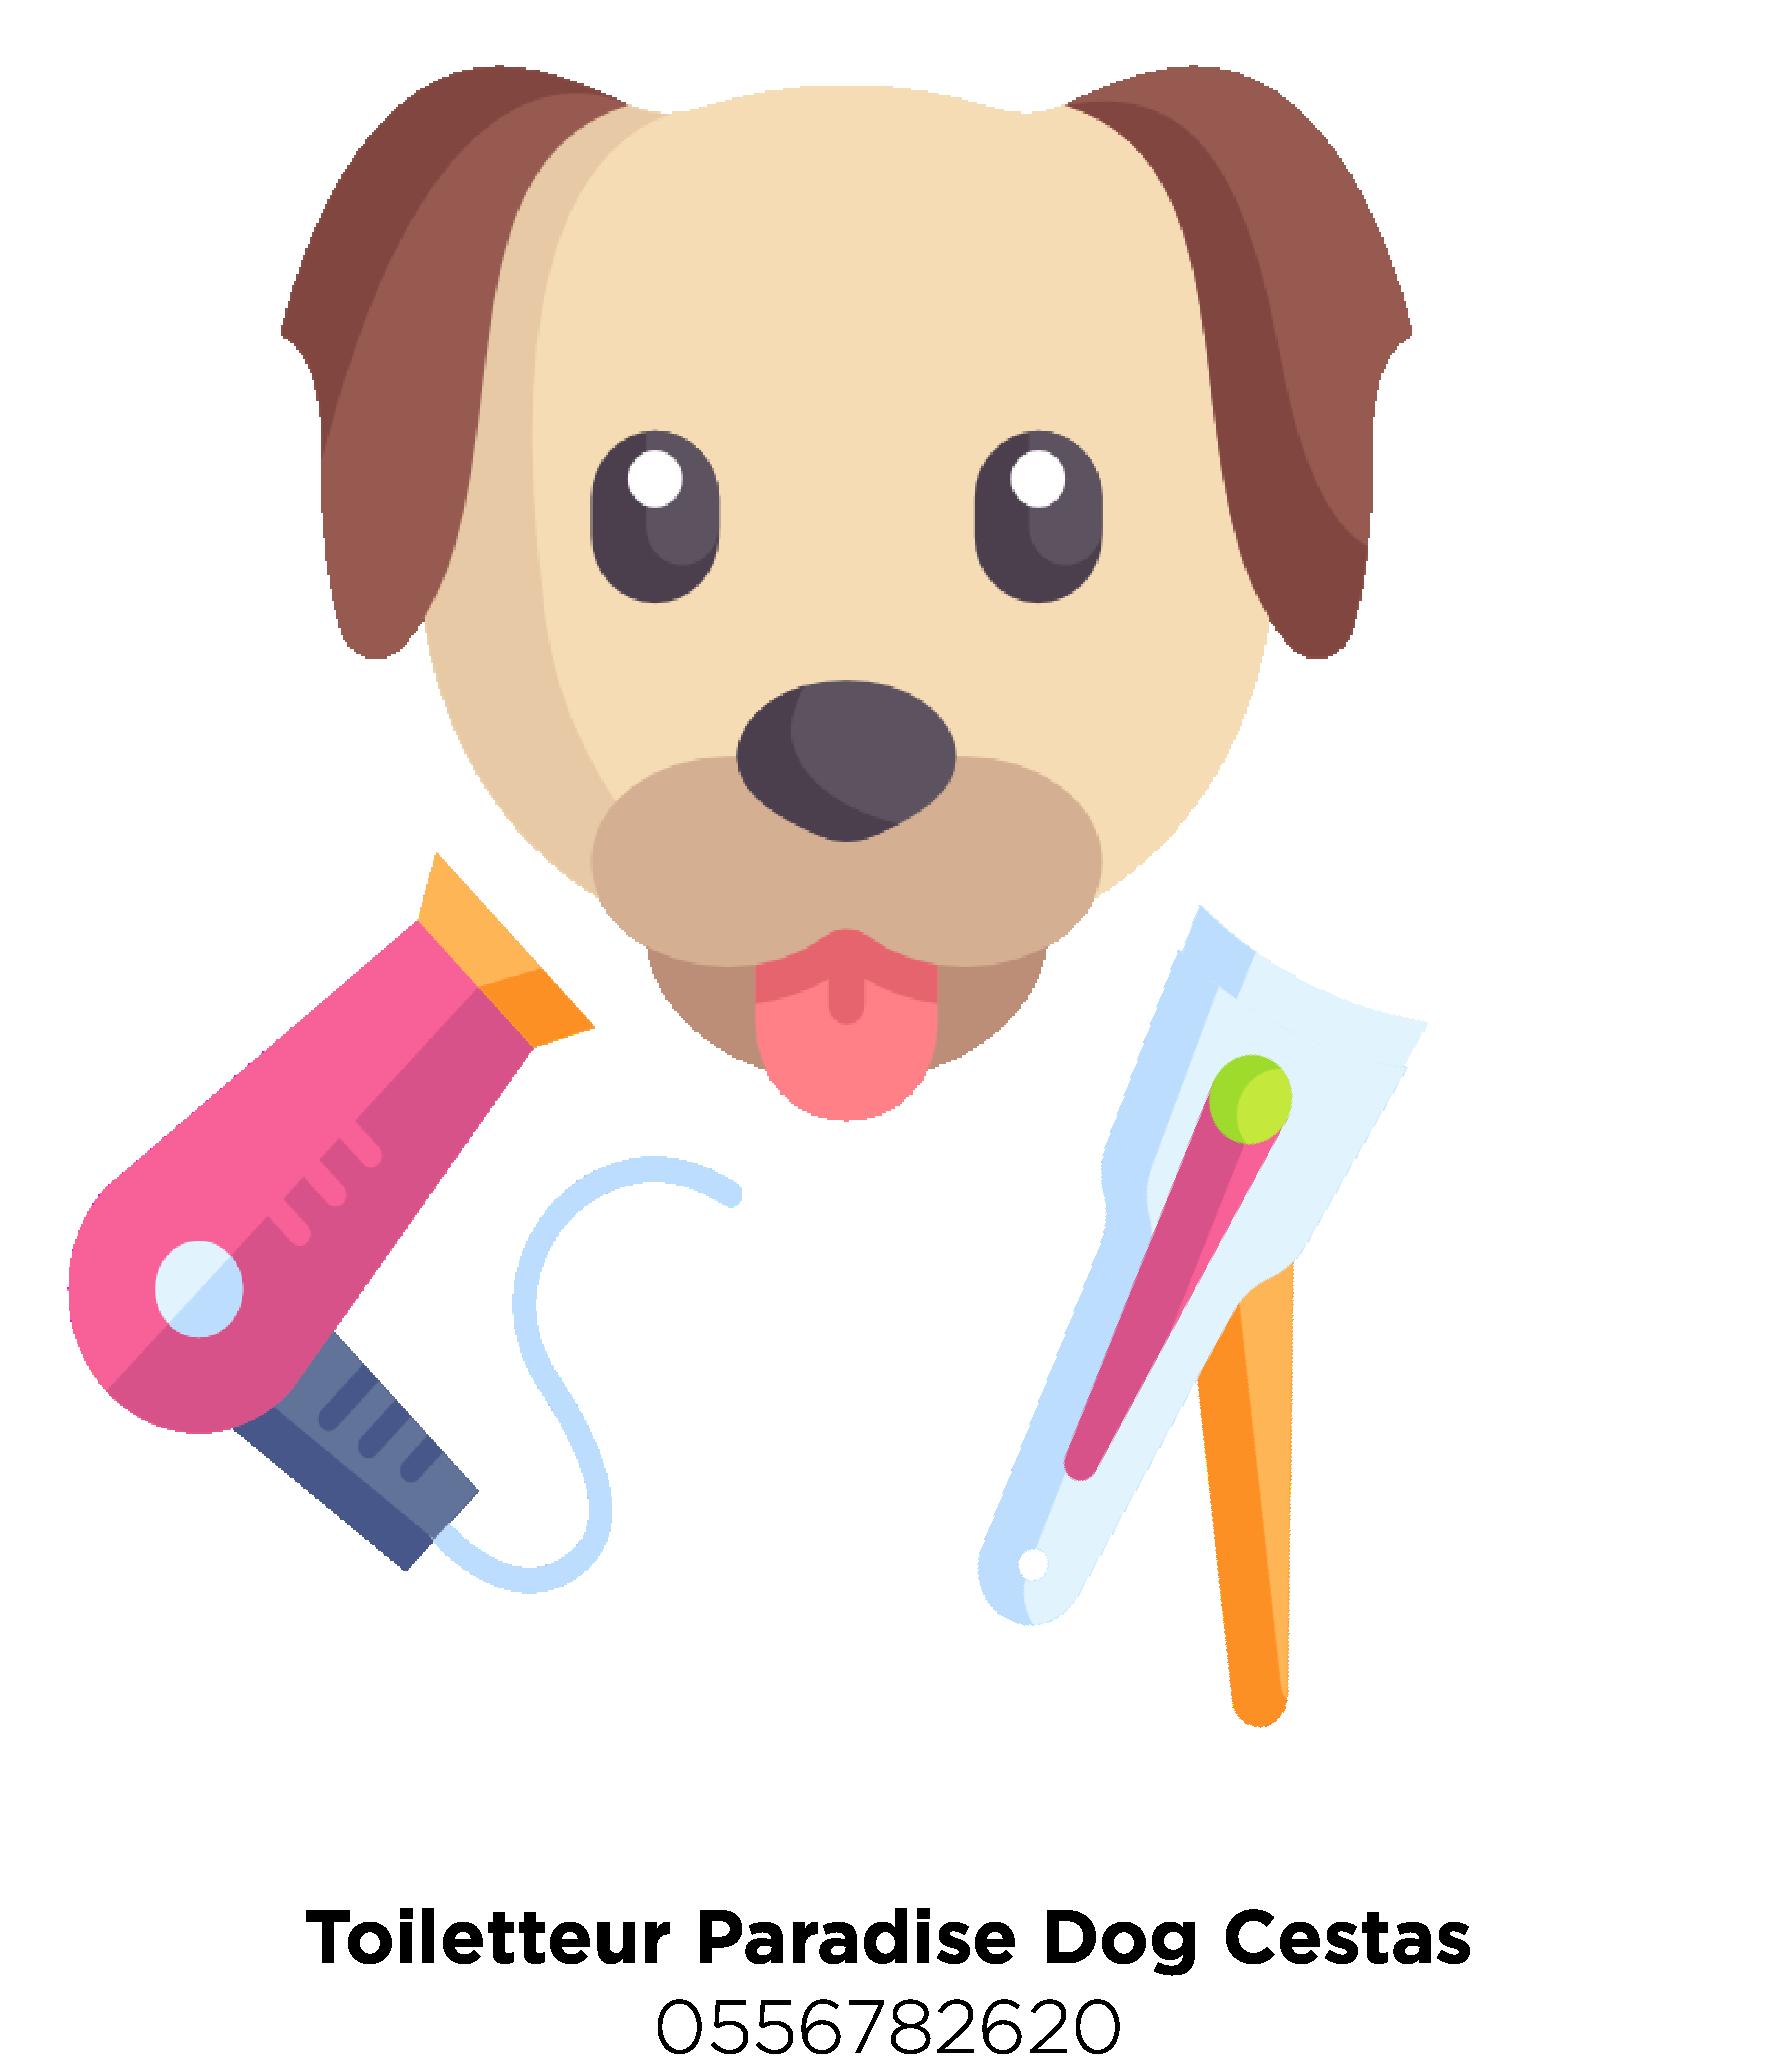 Logo-Toiletteur Paradaise Dog à Cestas